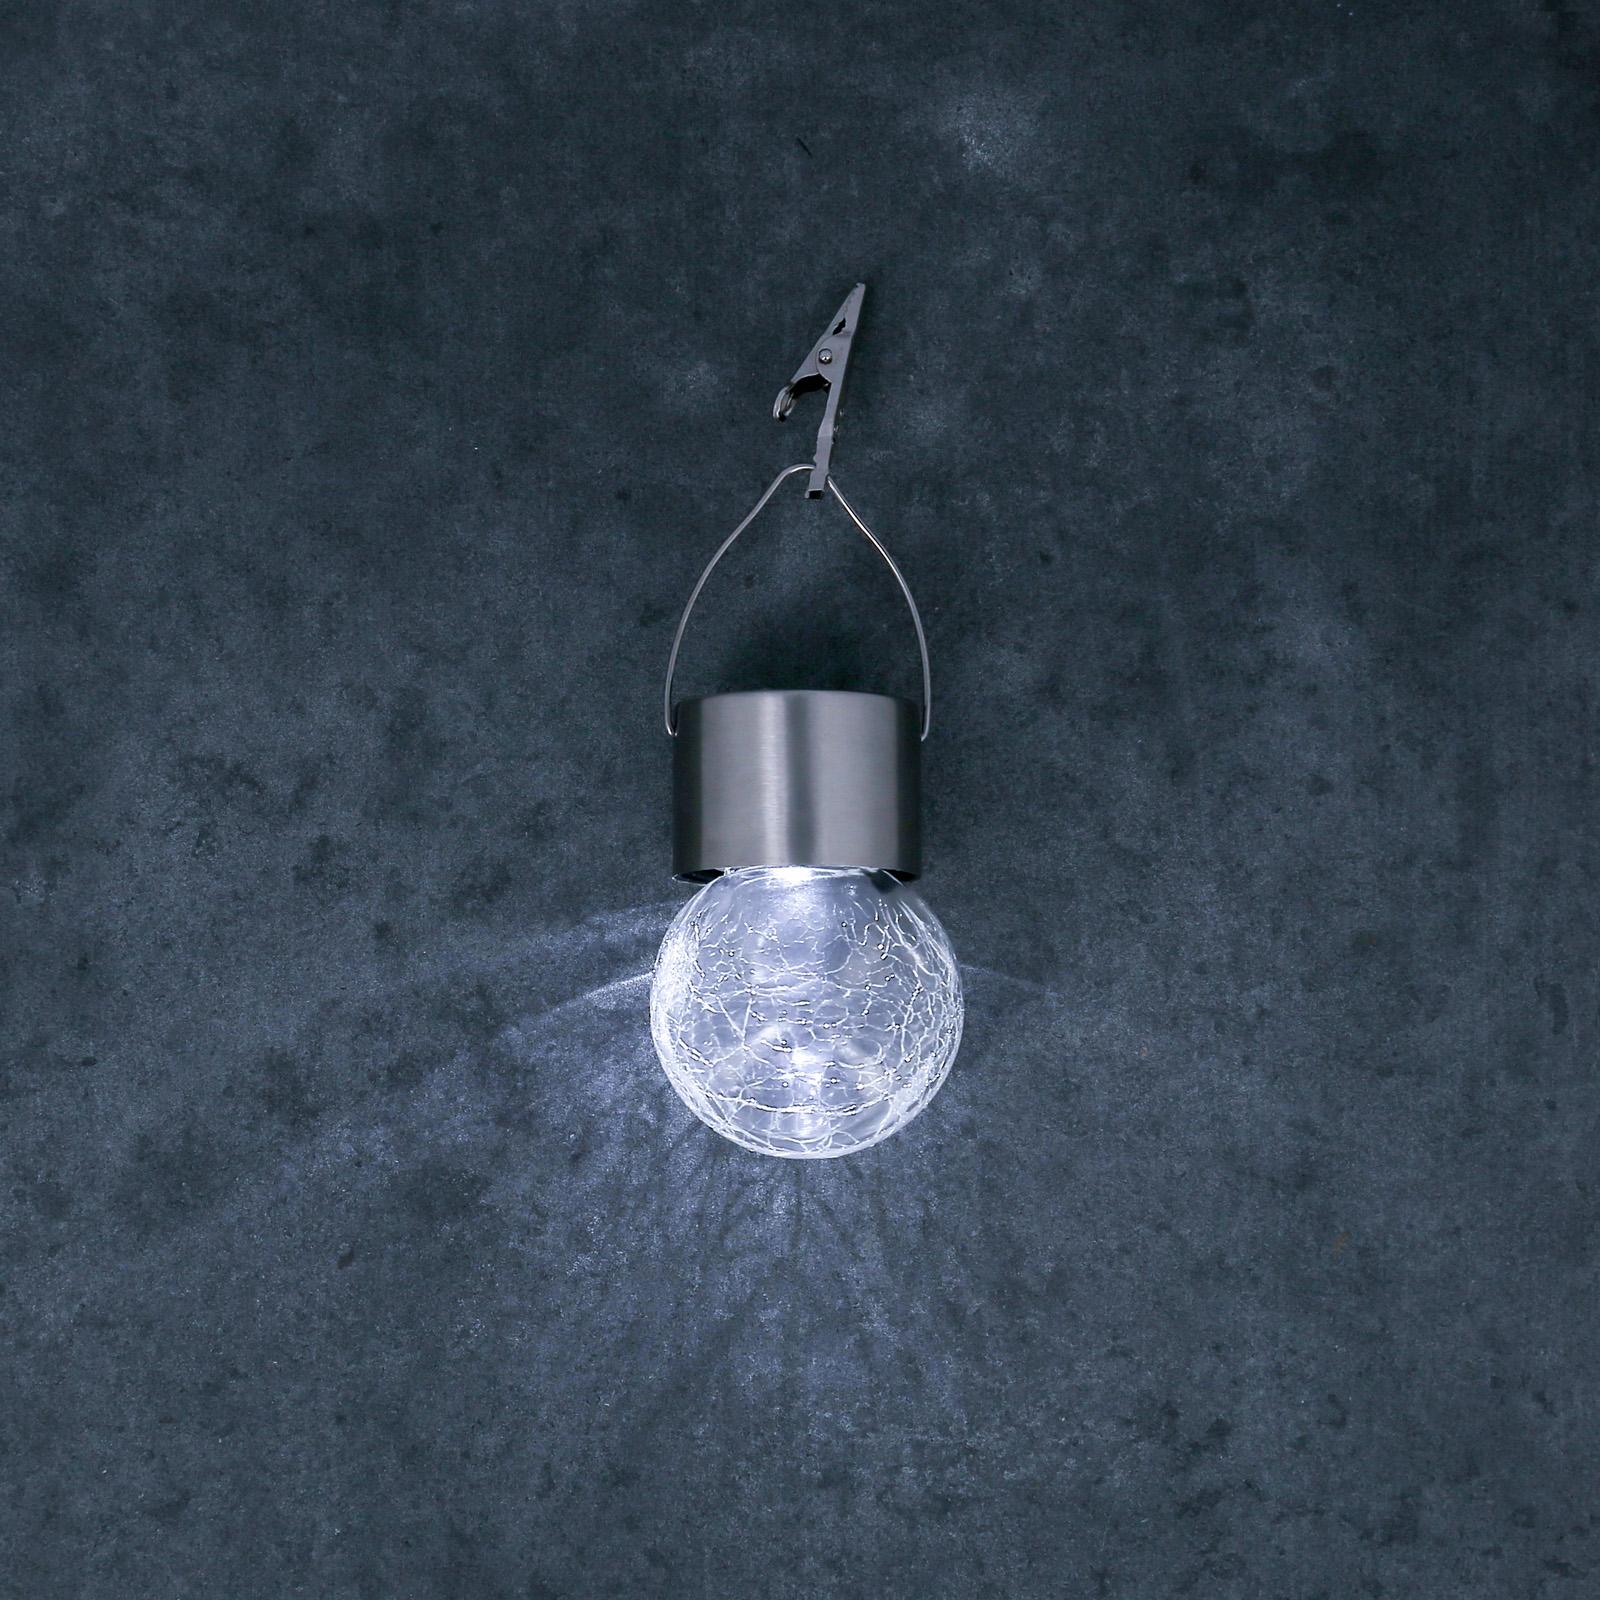 Lampe Energie Solaire Interieur ampoule à énergie solaire | nature & découvertes